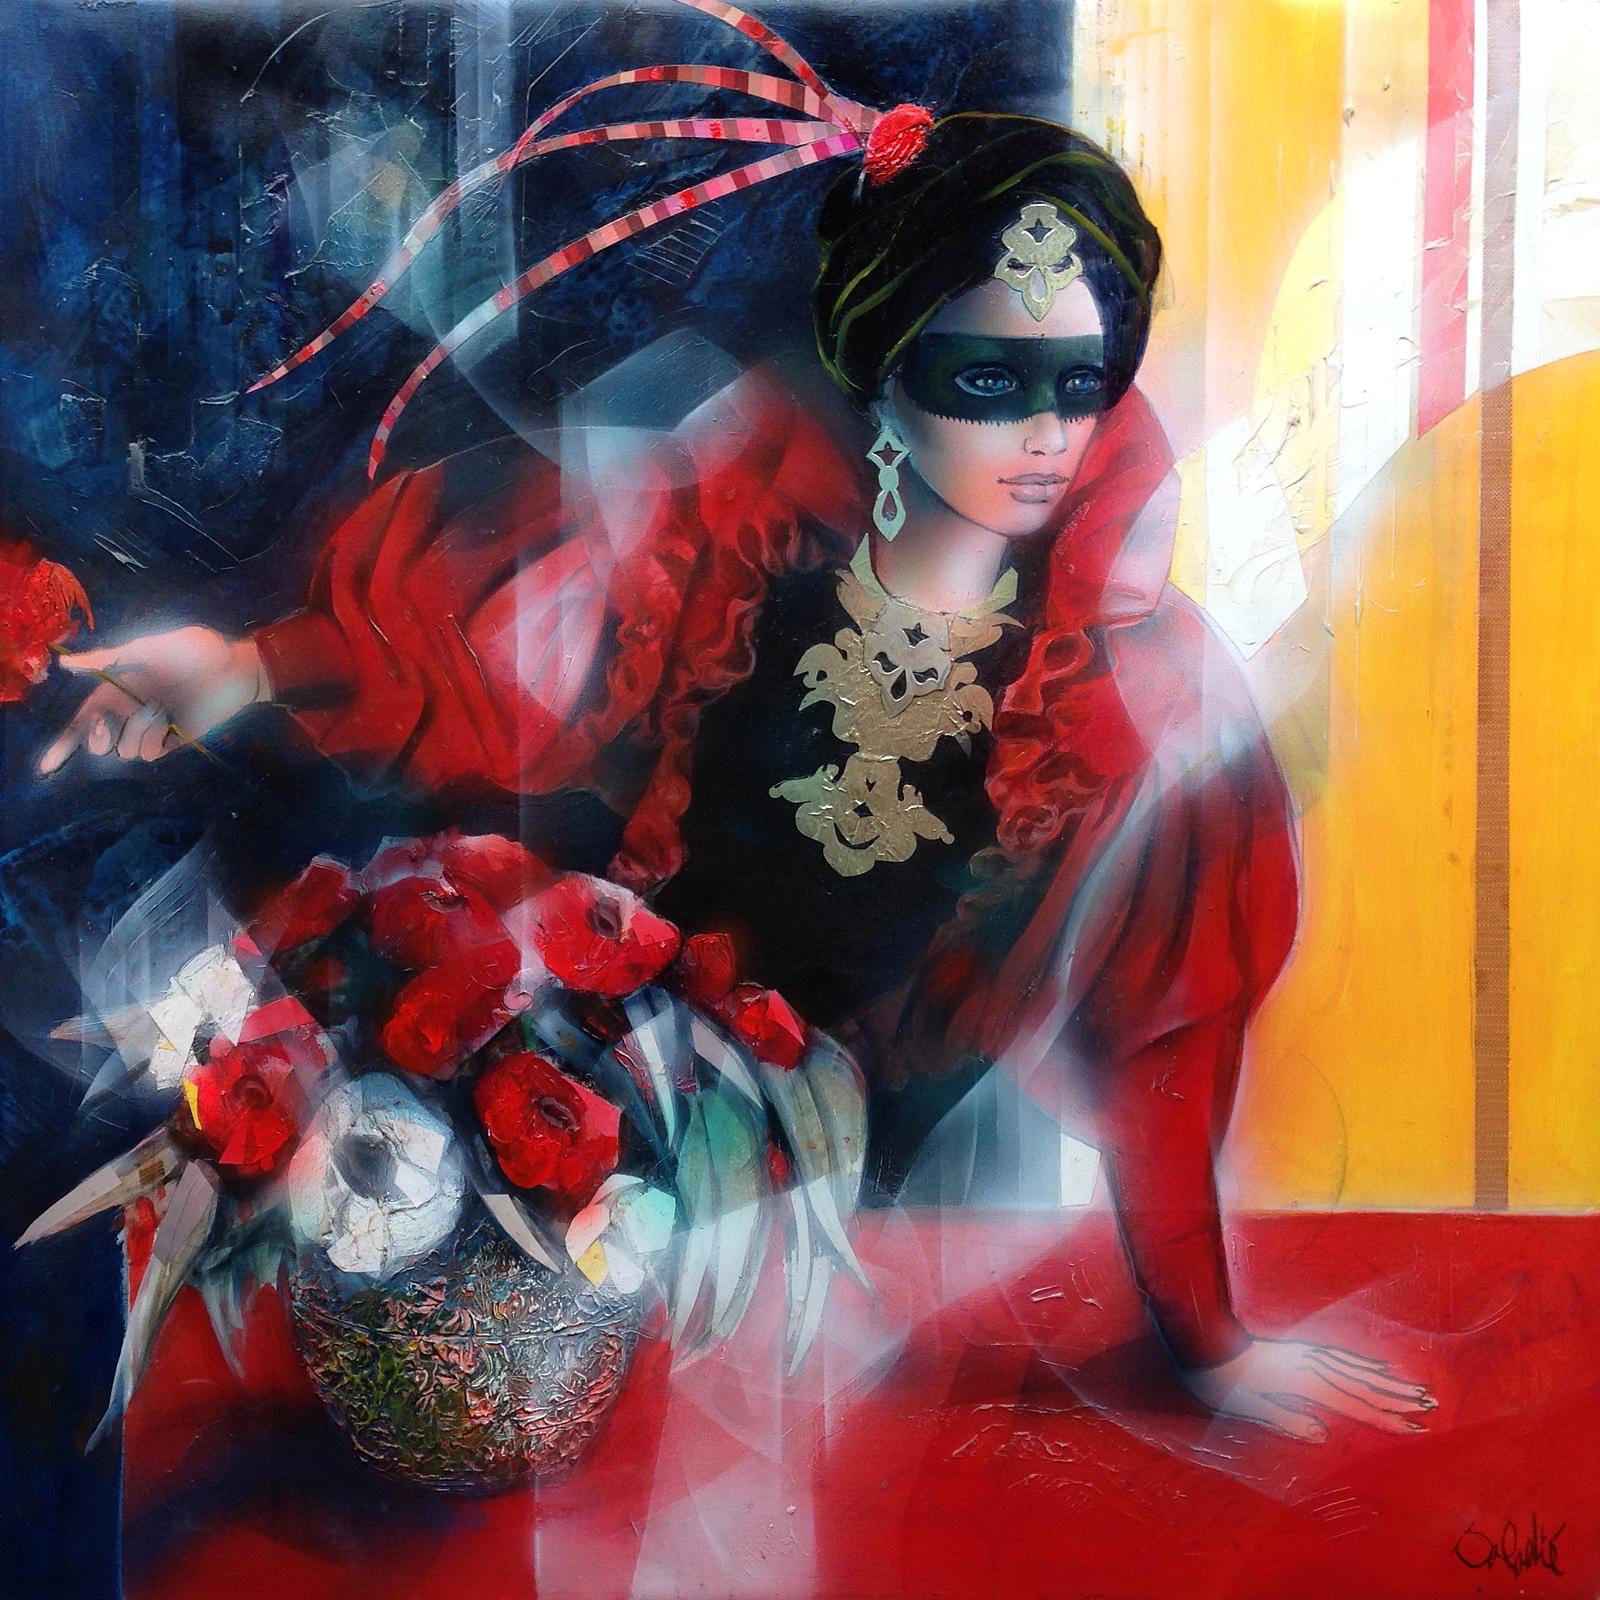 1_Женщина в черной маске (La femme au masque noir)_80 х 80_х.,м._Частное собрание.jpg